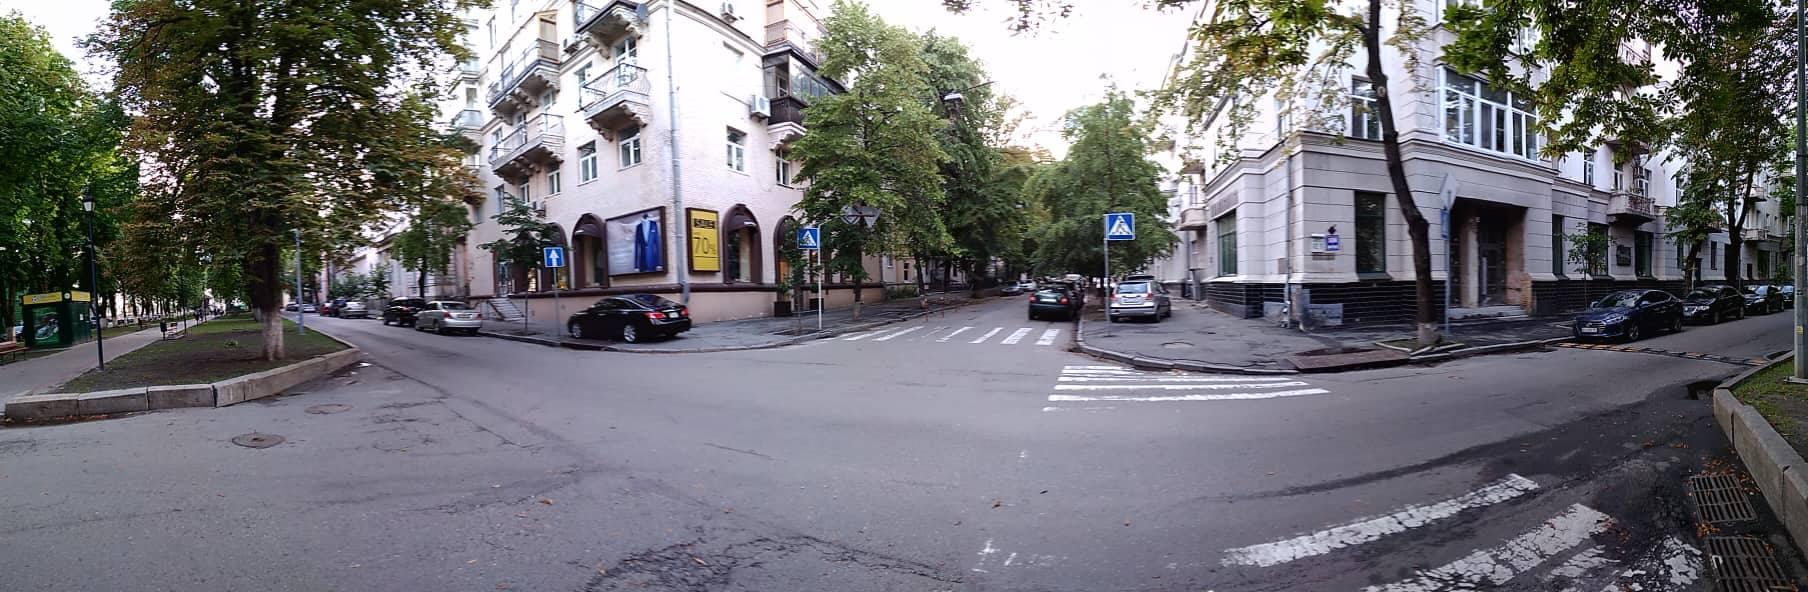 Место убийства Эйхгорна в современном Киеве